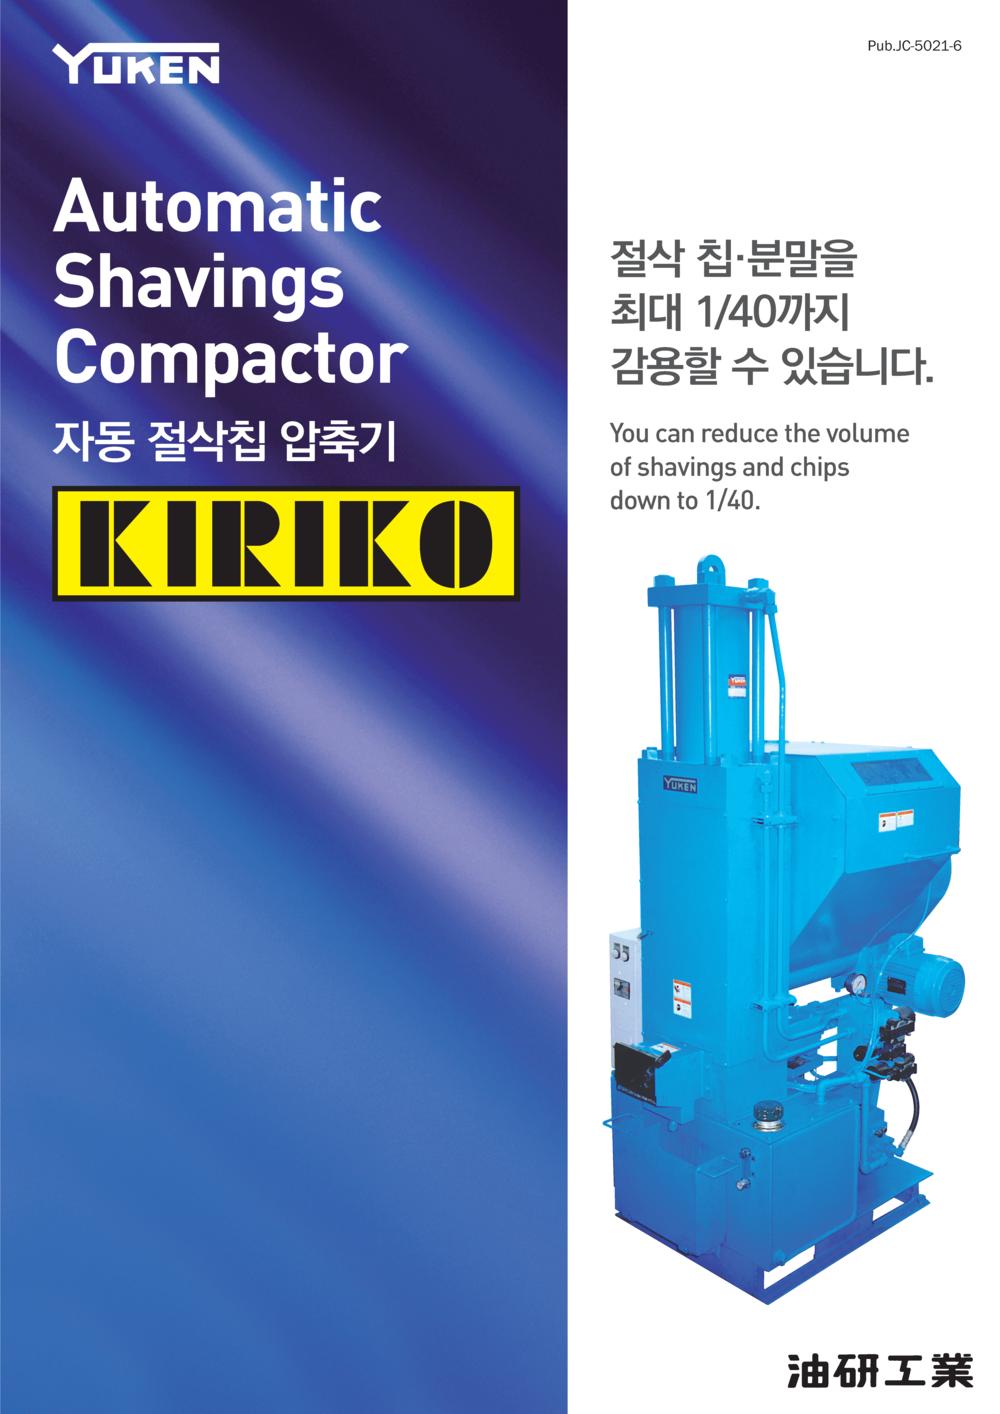 절삭칩압축기 KIRIKO 리플렛